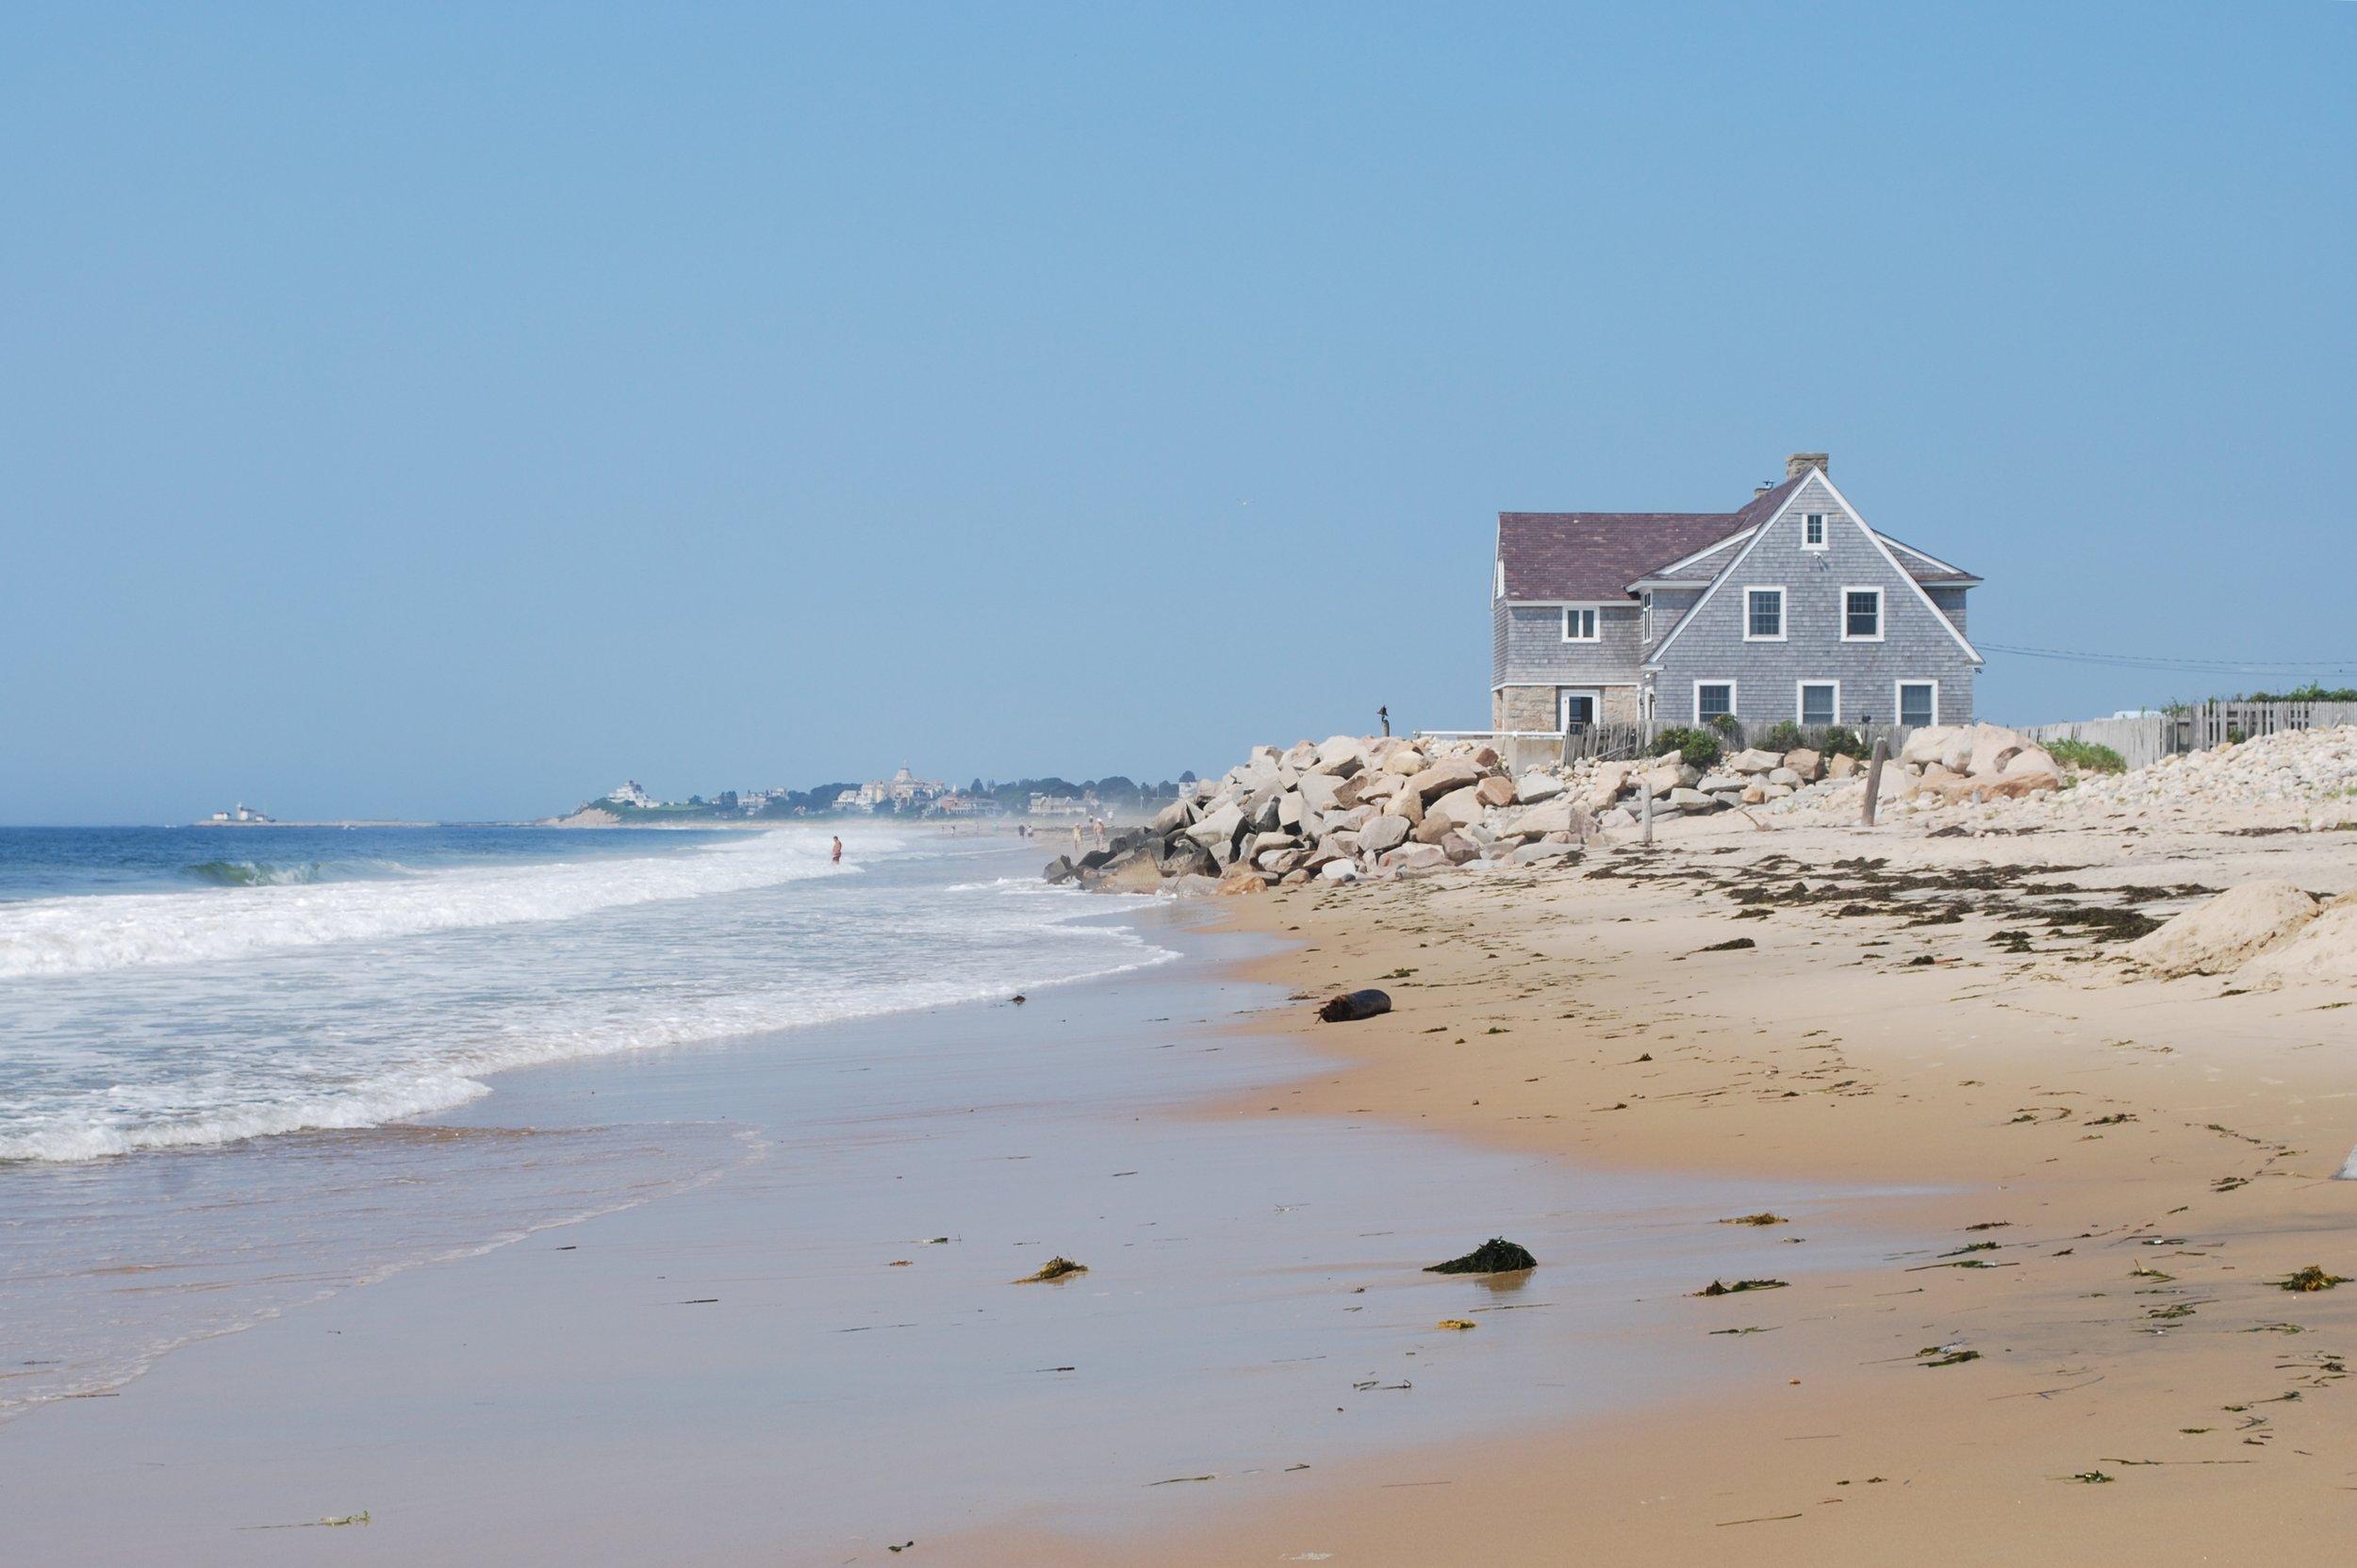 Beach_house_at_Misquamicut_Beach,_Rhode_Island.JPG